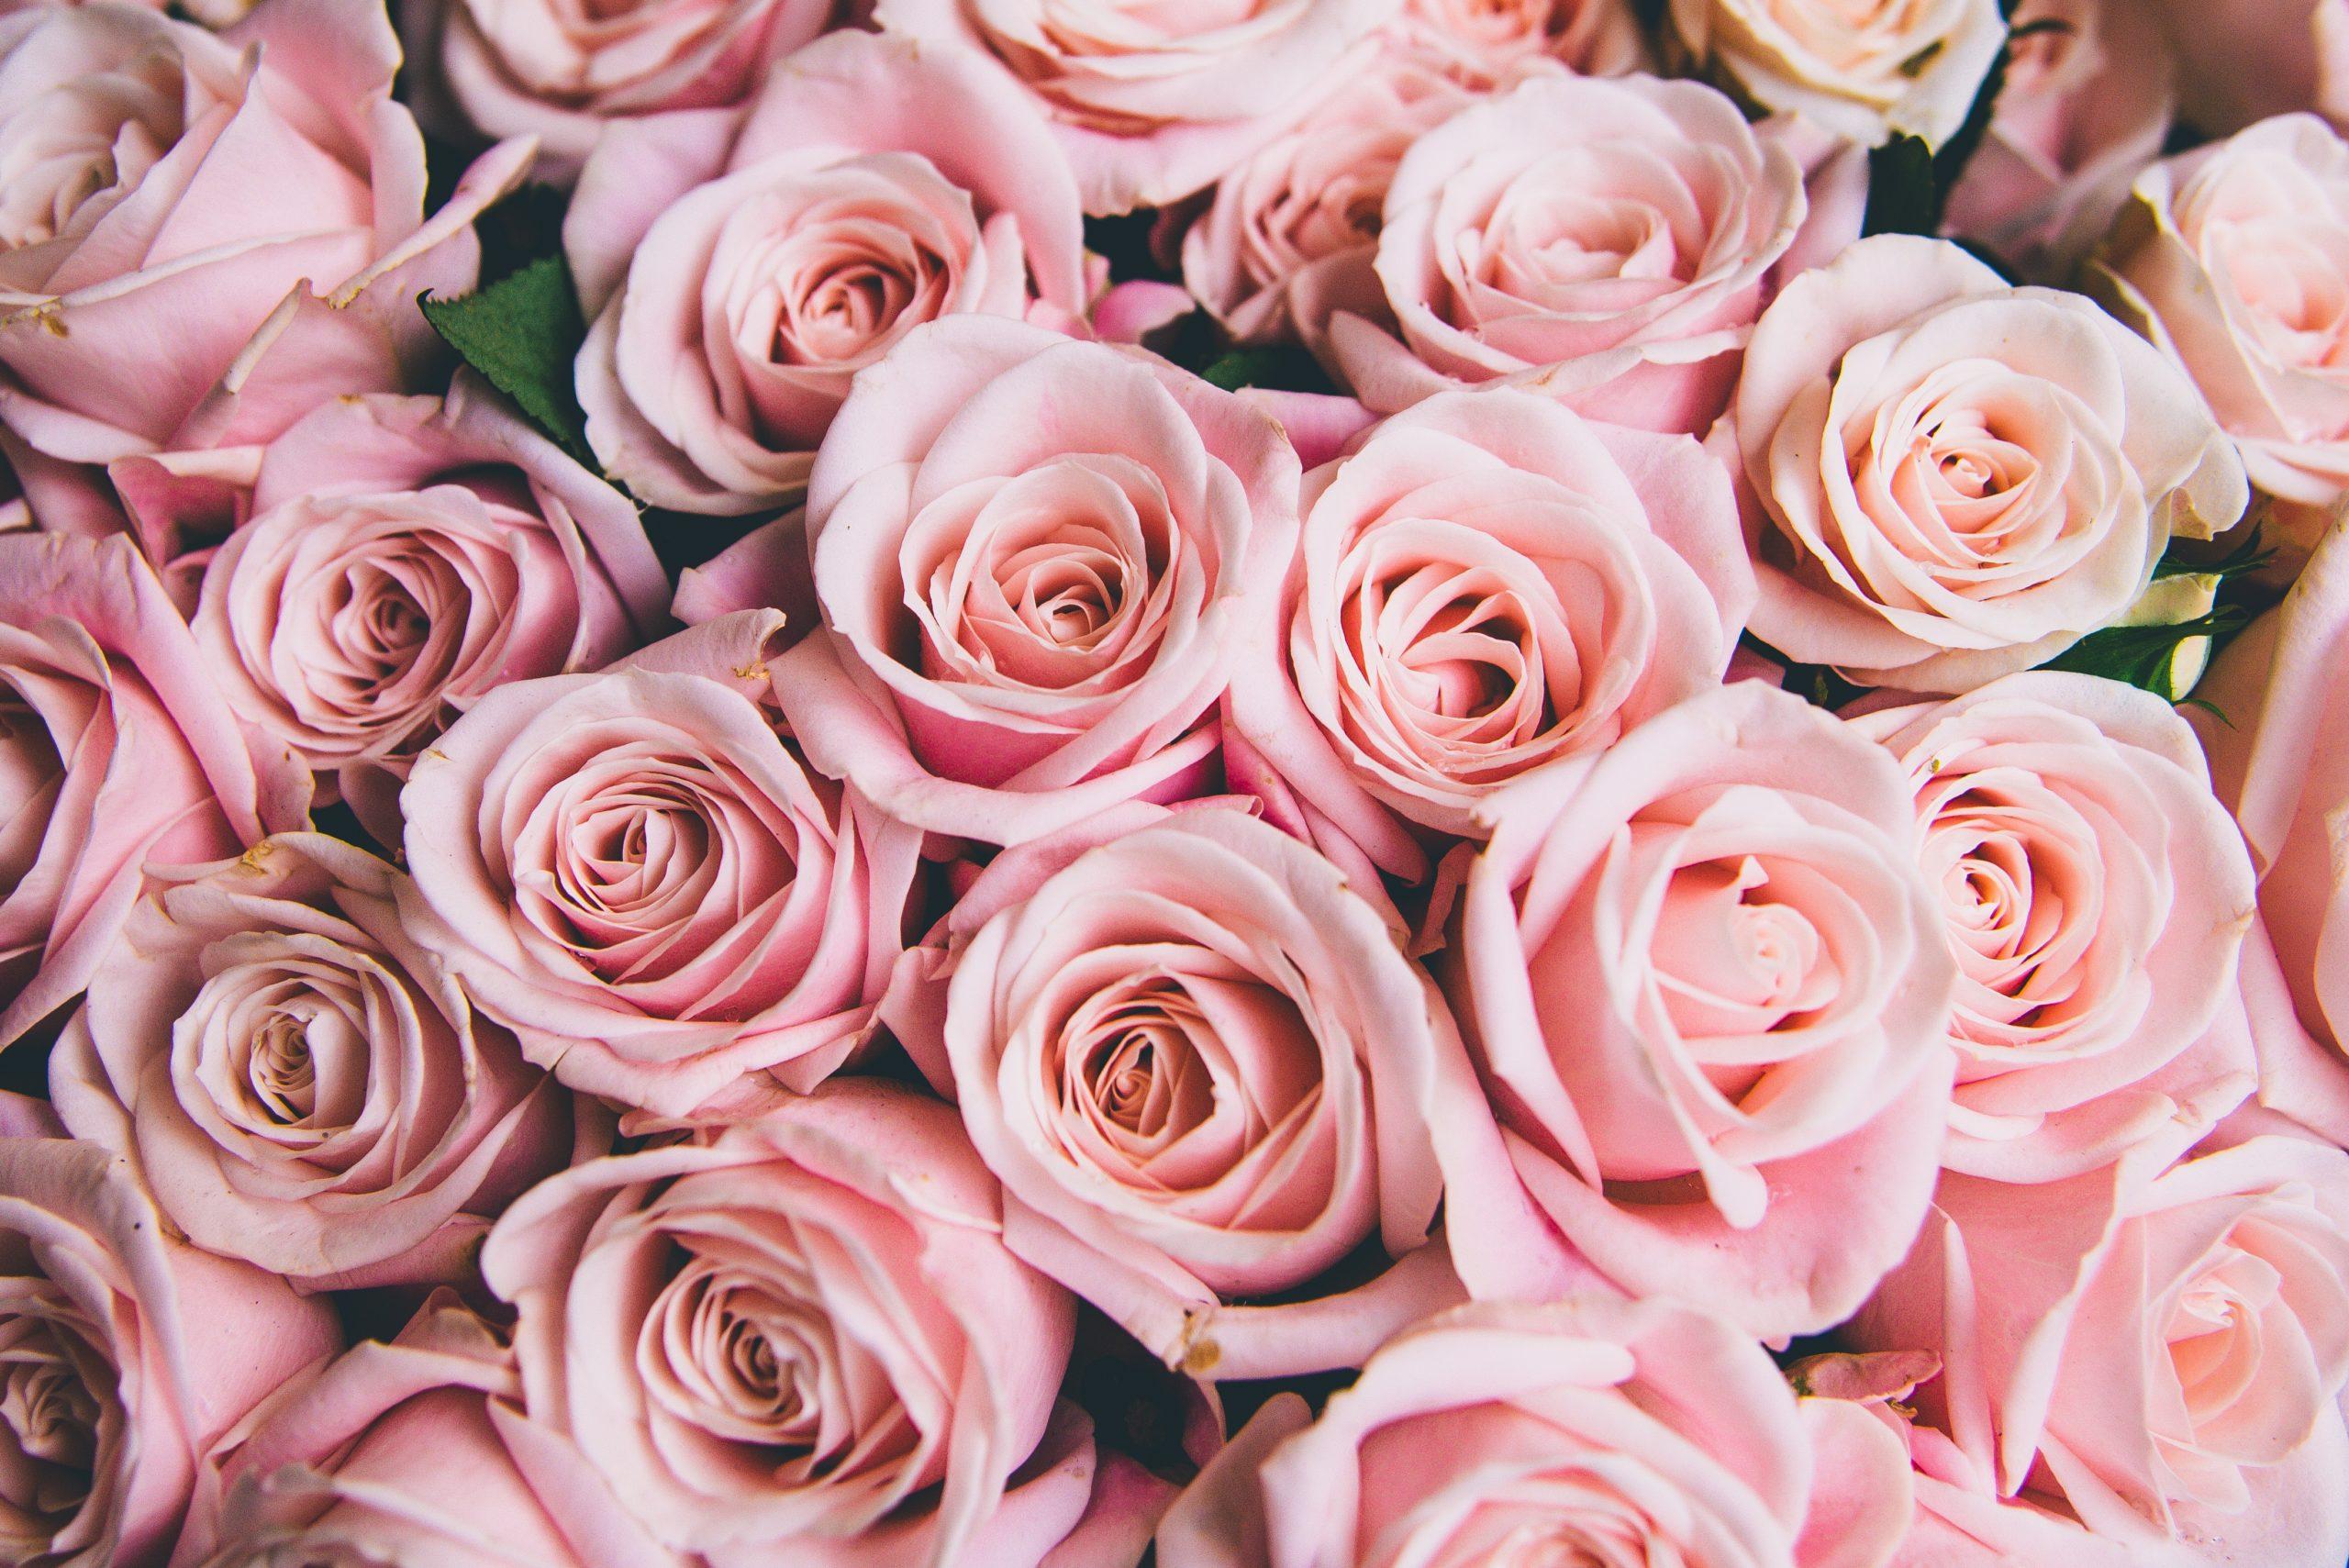 Wallpaper de rosas rosadas